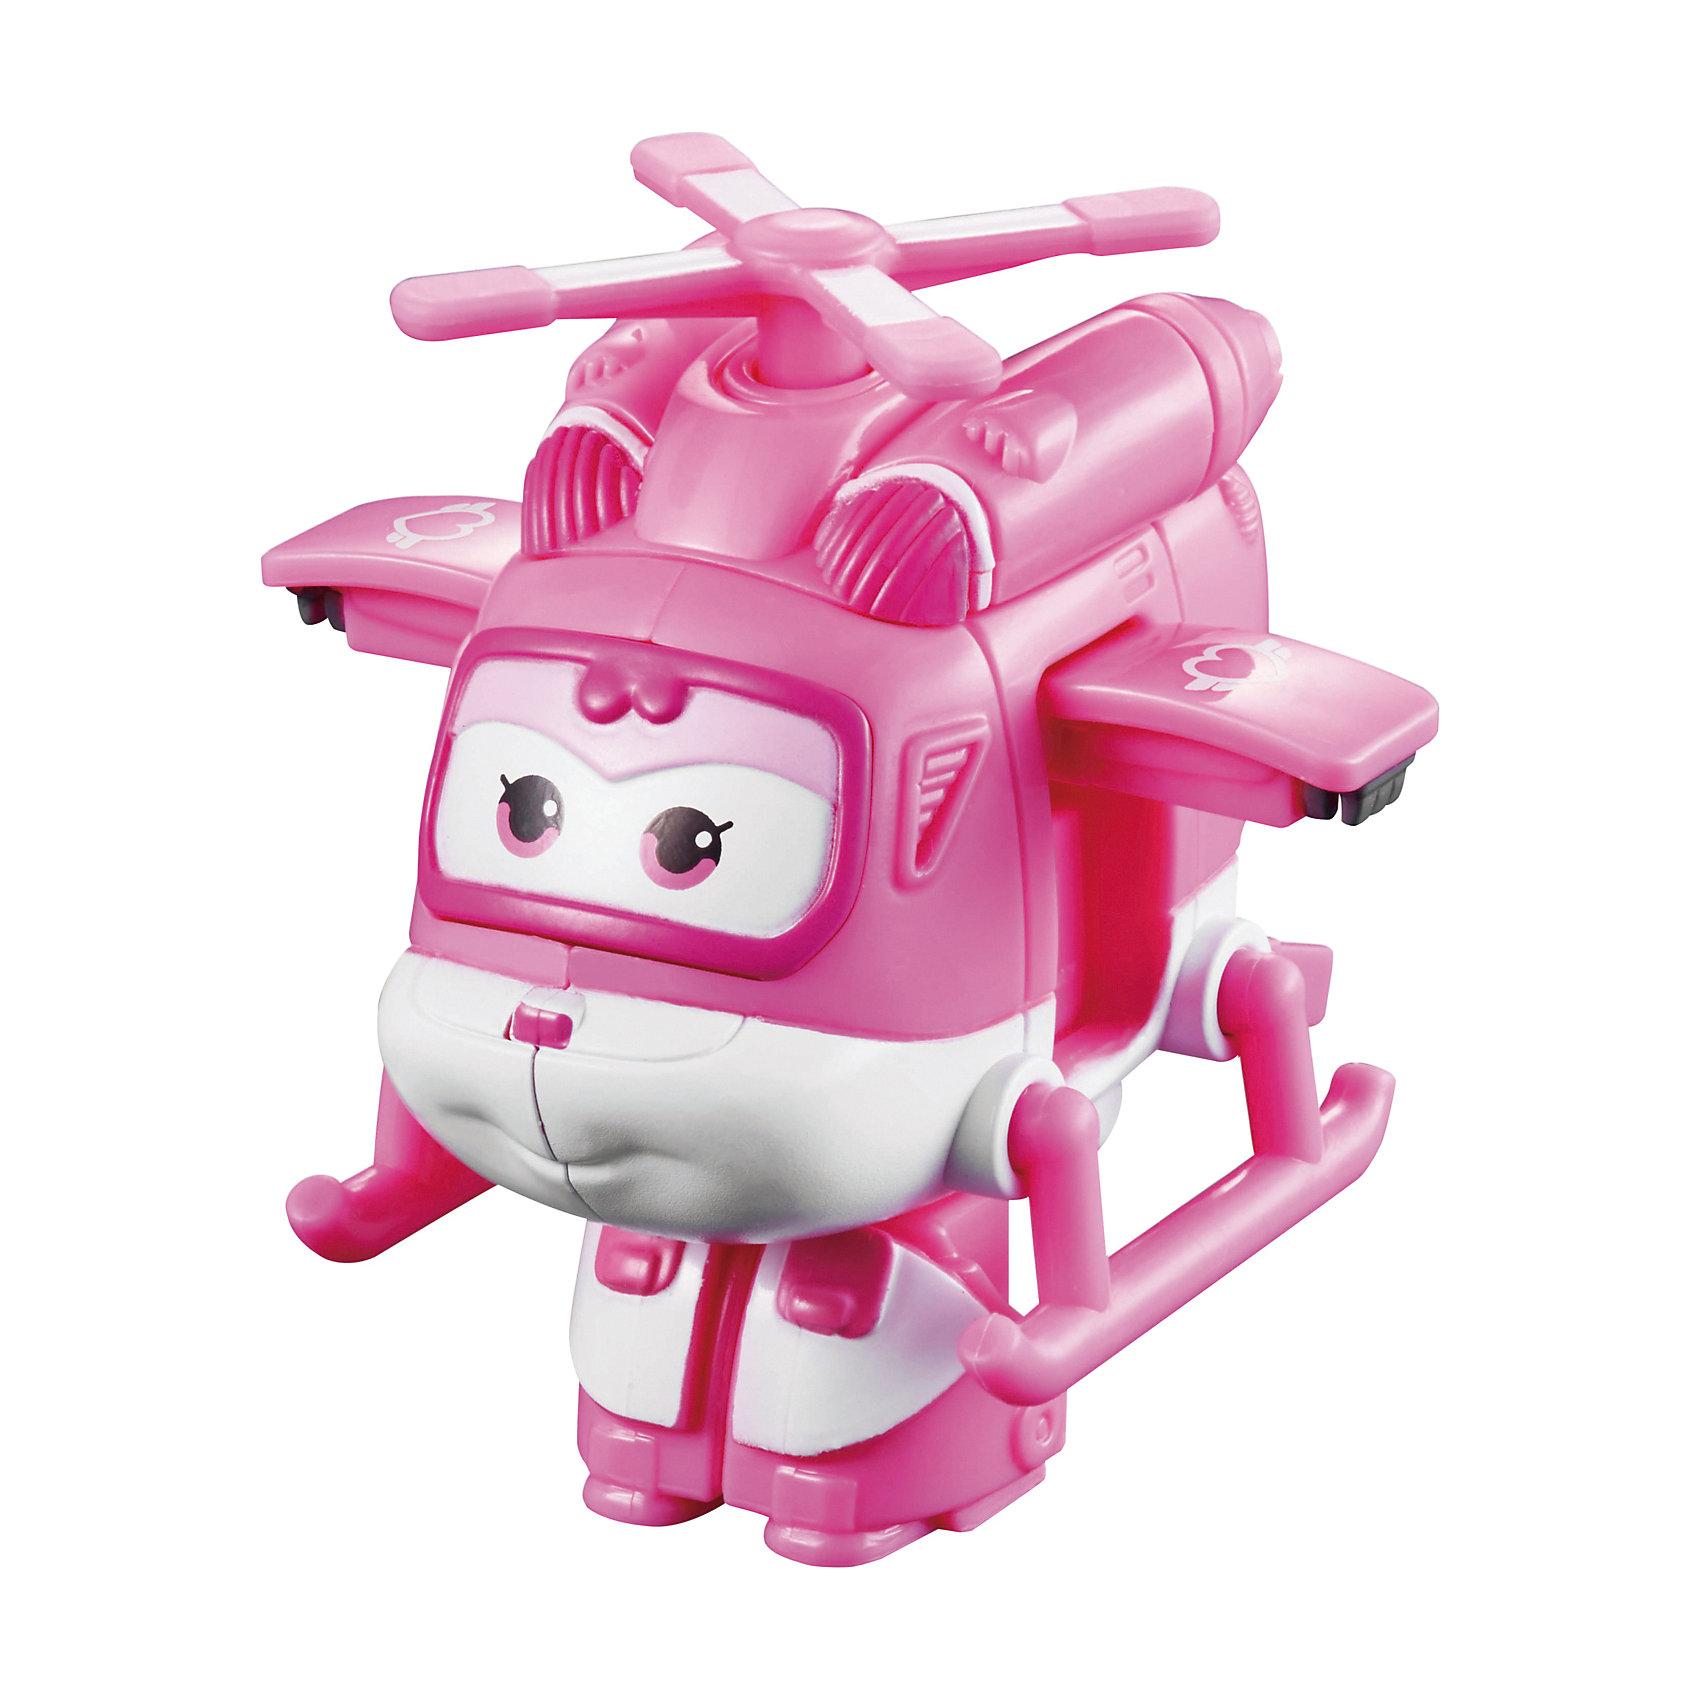 Мини-трансформер Диззи, Супер КрыльяФигурки из мультфильмов<br>Какой ребенок не любит самолеты!? Сделать игру ярче и увлекательнее поможет герой популярного мультфильма Супер Крылья, любимого детьми. Игрушка всего за несколько мгновений трансформируется из самолета в робота. К нему можно также фигурки-трансформеры заказать друзей из этого мультфильма! Компактный размер позволит ребенку брать игрушку с собой в гости или на прогулку.                <br>Этот трансформер обязательно порадует ребенка! Игры с ним также помогают детям развивать воображение, логику, мелкую моторику и творческое мышление. Самолет сделан из качественных и безопасных для ребенка материалов.<br><br>Дополнительная информация:<br><br>цвет: разноцветный;<br>размер упаковки: 12 х 15 х 6 см;<br>вес: 300 г;<br>материал: пластик.<br><br>Игрушку Мини-трансформер Диззи можно купить в нашем магазине.<br><br>Ширина мм: 120<br>Глубина мм: 155<br>Высота мм: 62<br>Вес г: 300<br>Возраст от месяцев: 36<br>Возраст до месяцев: 2147483647<br>Пол: Мужской<br>Возраст: Детский<br>SKU: 4918772